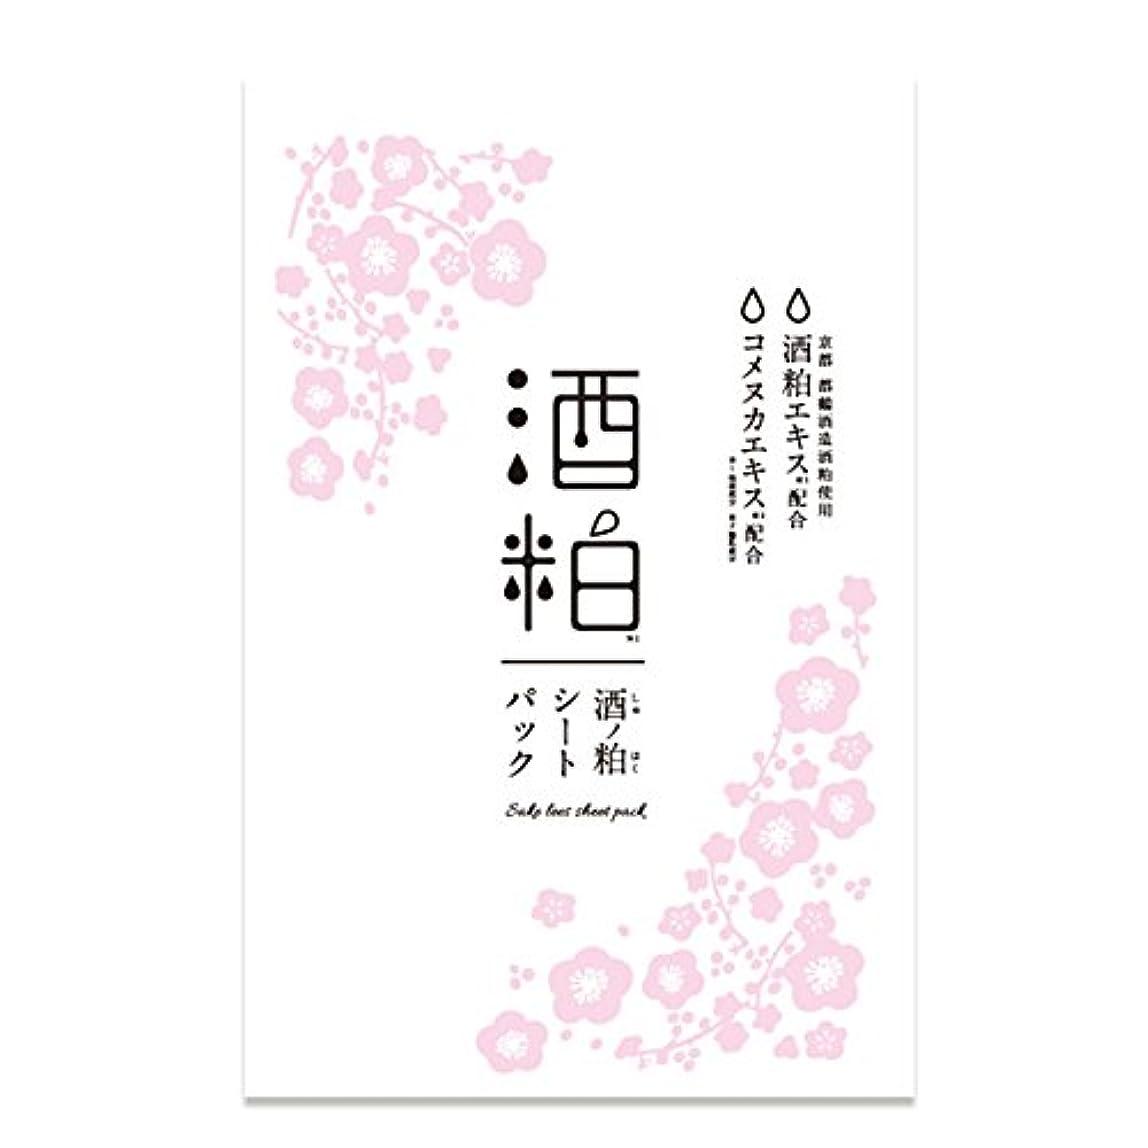 お客様意志気取らない酒粕シートパック(美白マスク)5枚セット 京都酒蔵の大吟醸酒粕のみ使用